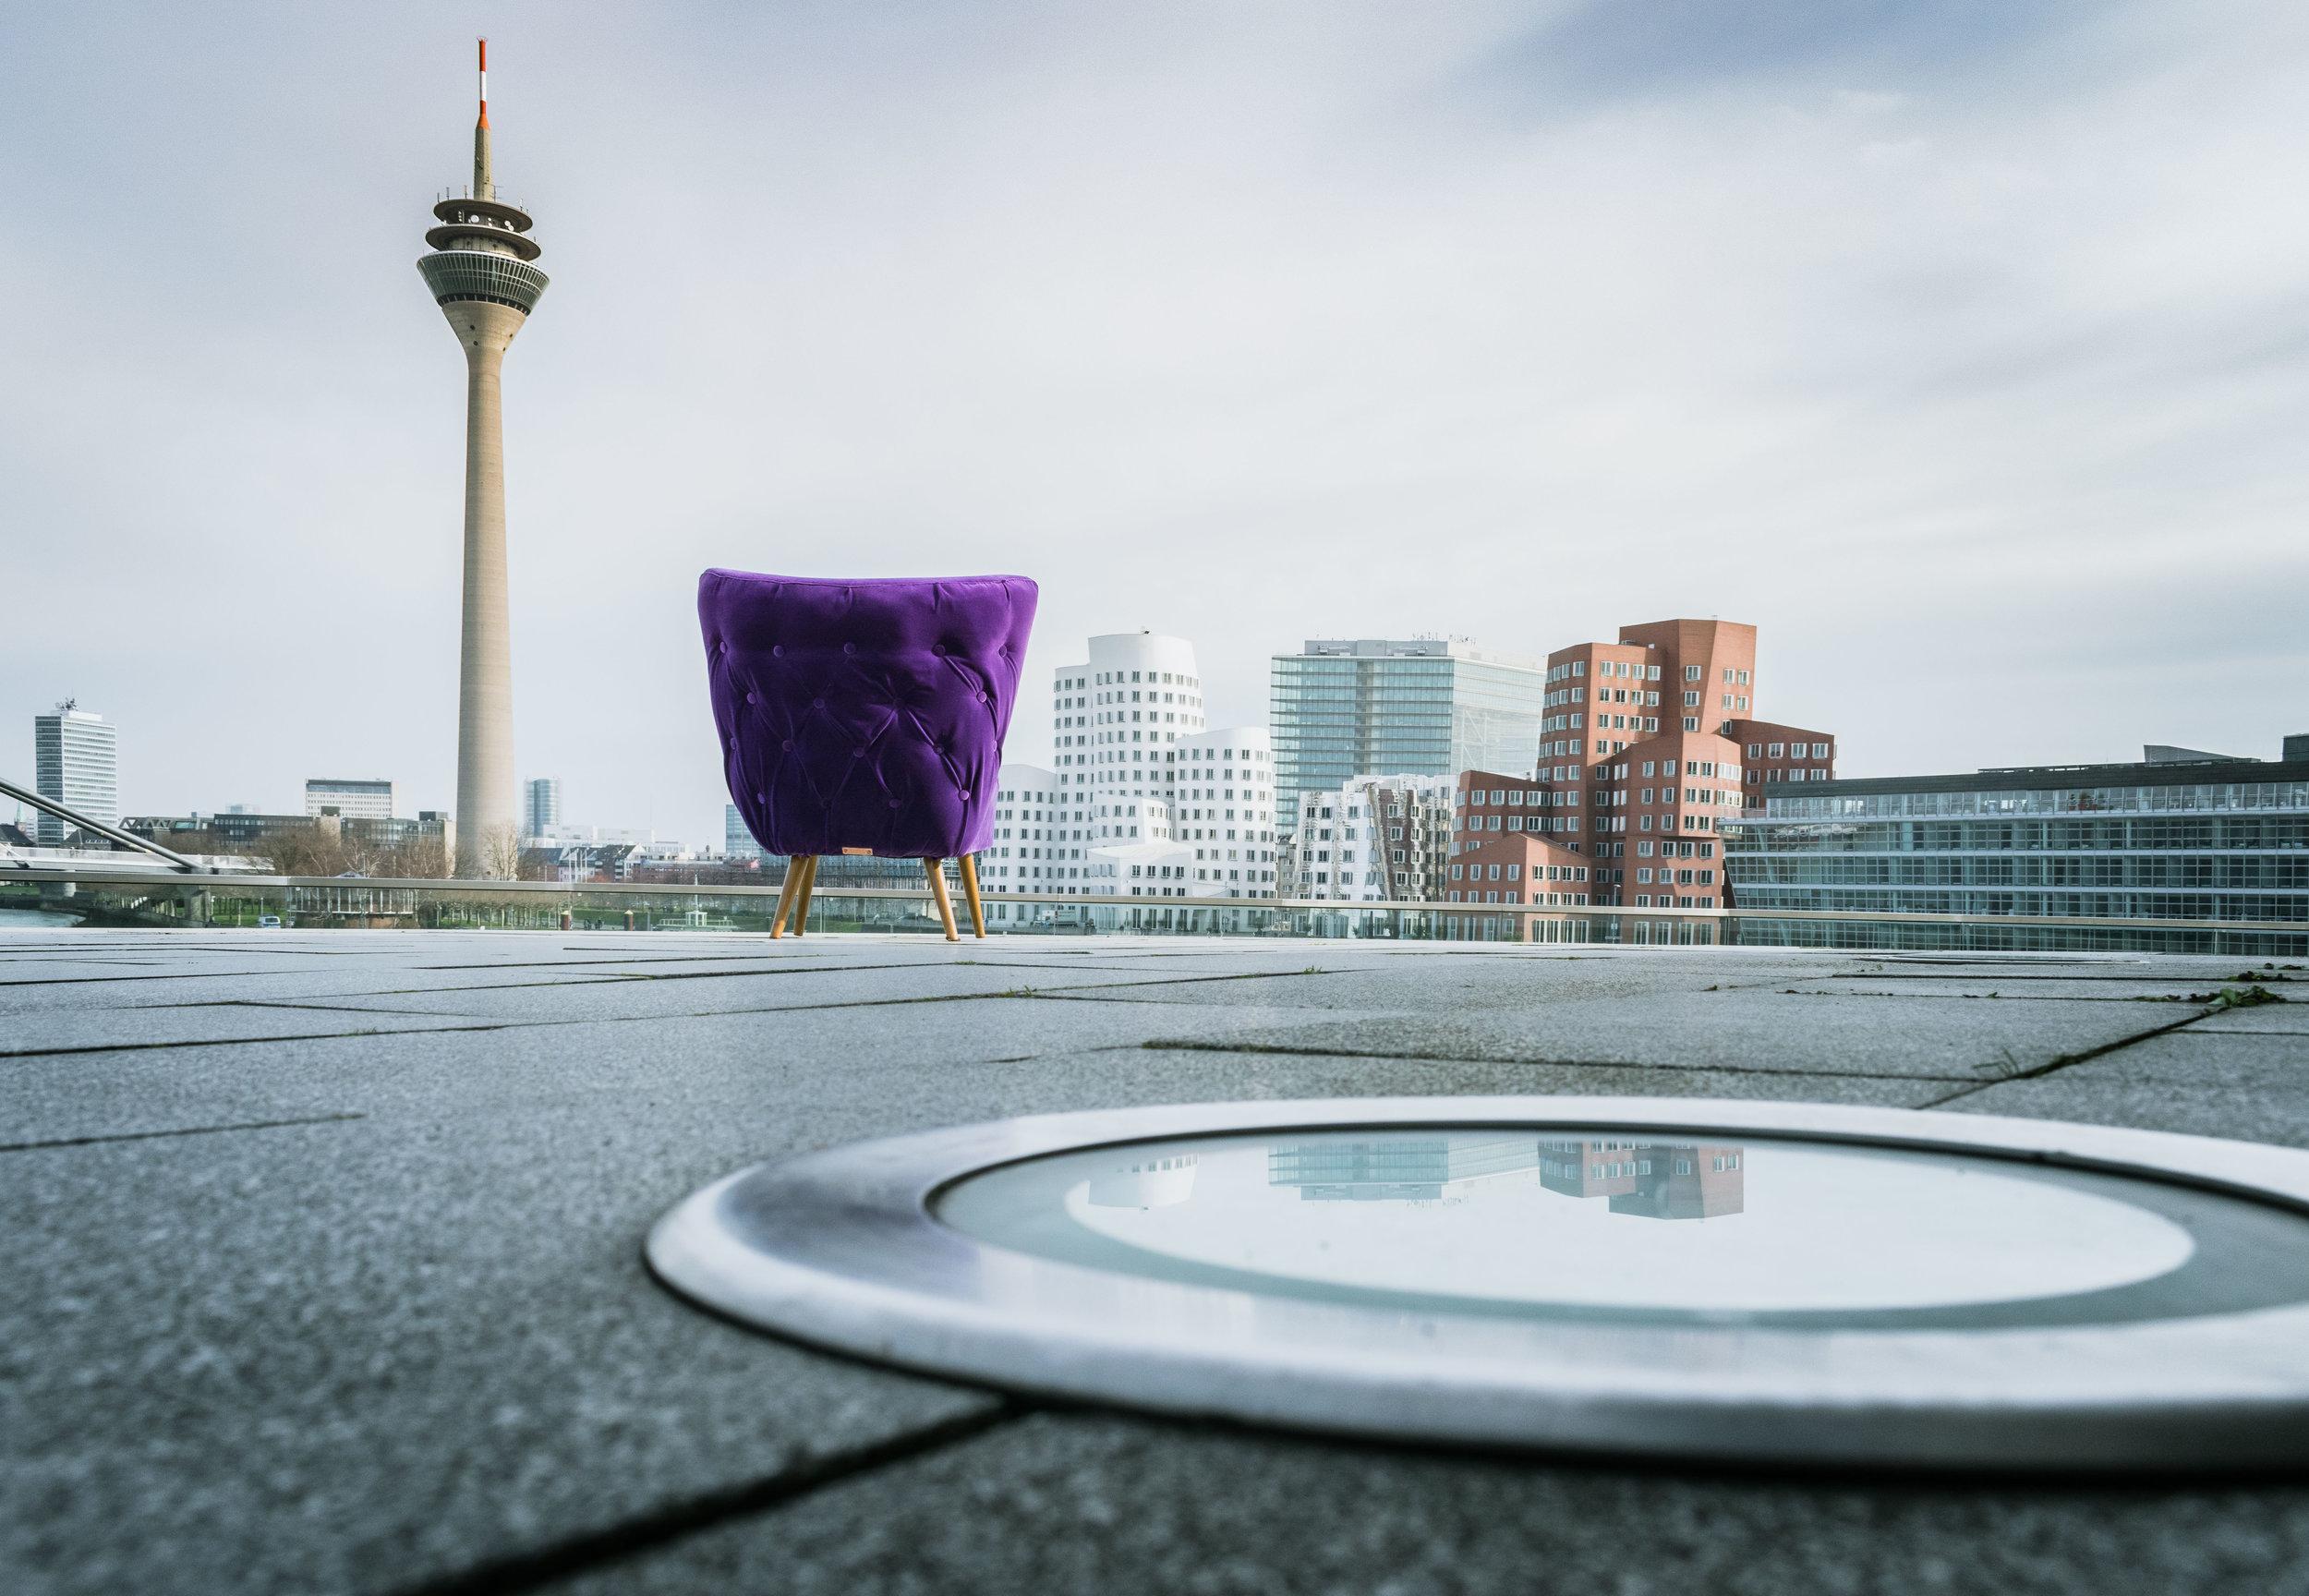 Ultra violet chair photographed in Düsseldorf Medienhafen